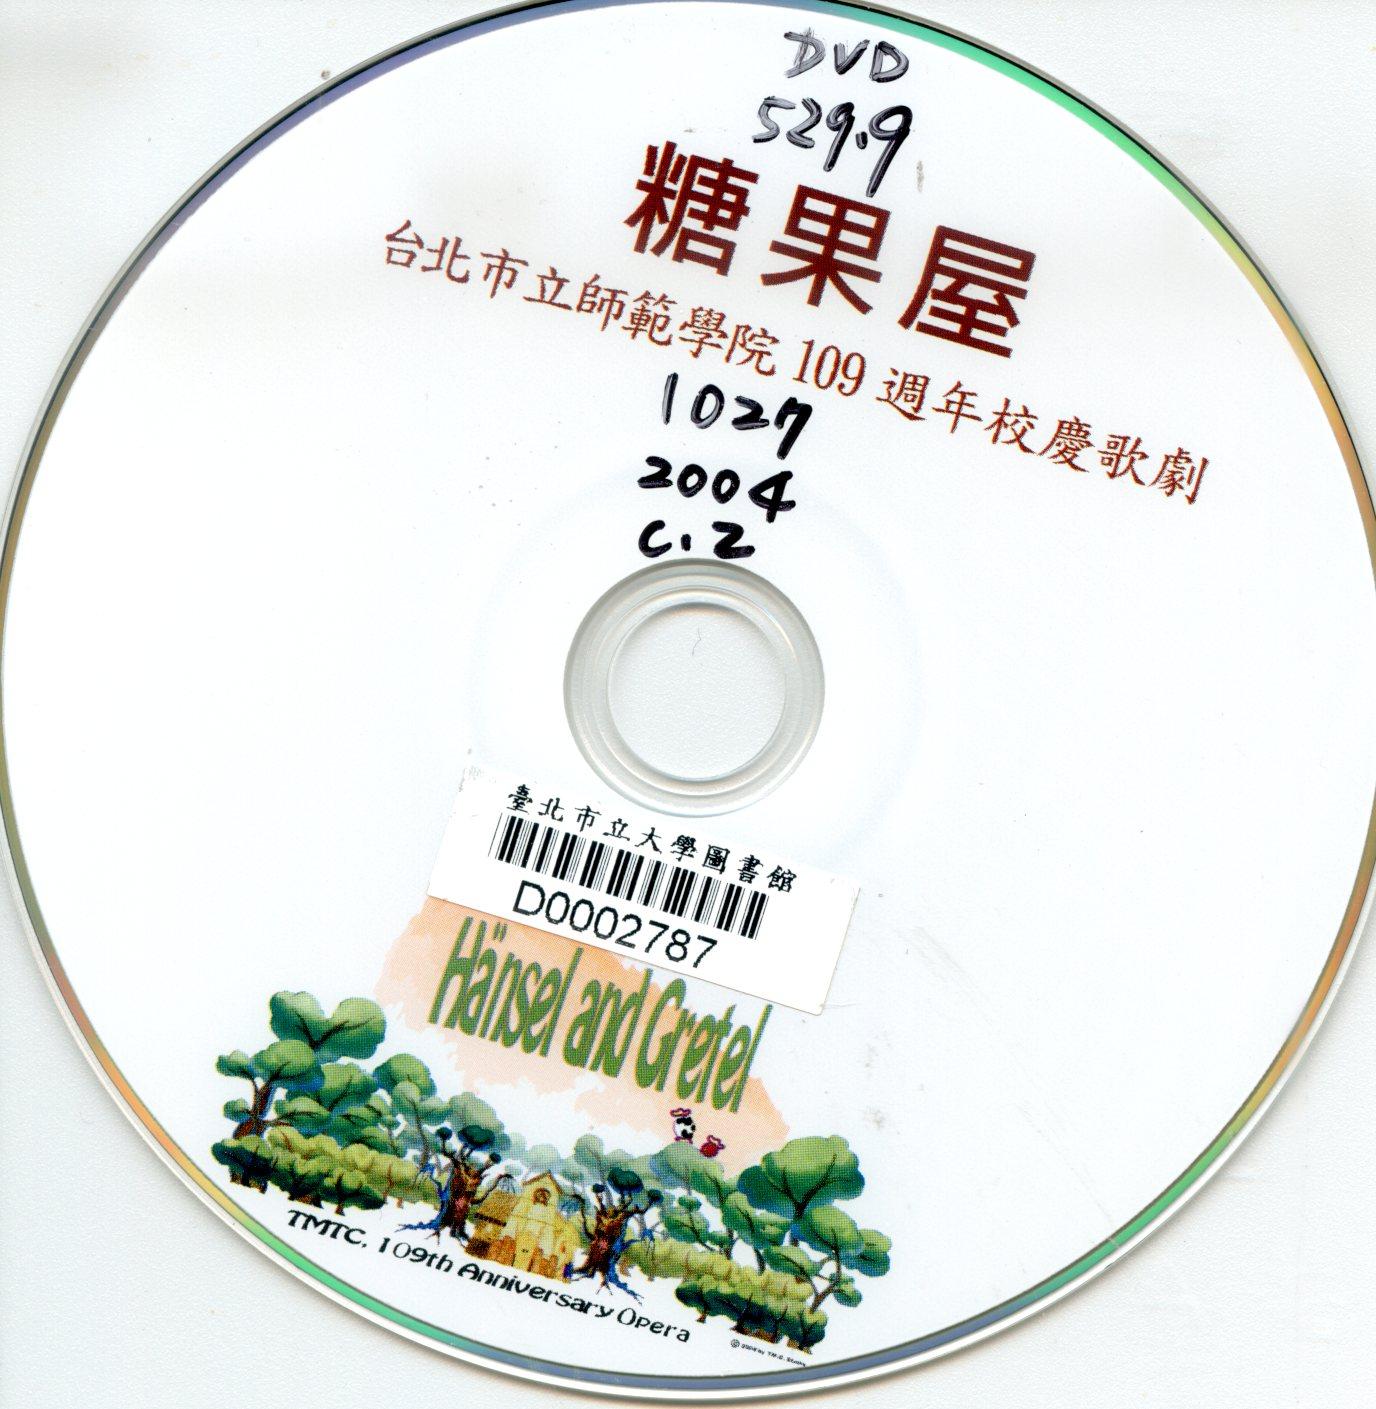 糖果屋 :  台北市立師範學院109周年校慶歌劇 = TMTC. 109th Anniversary Opera /